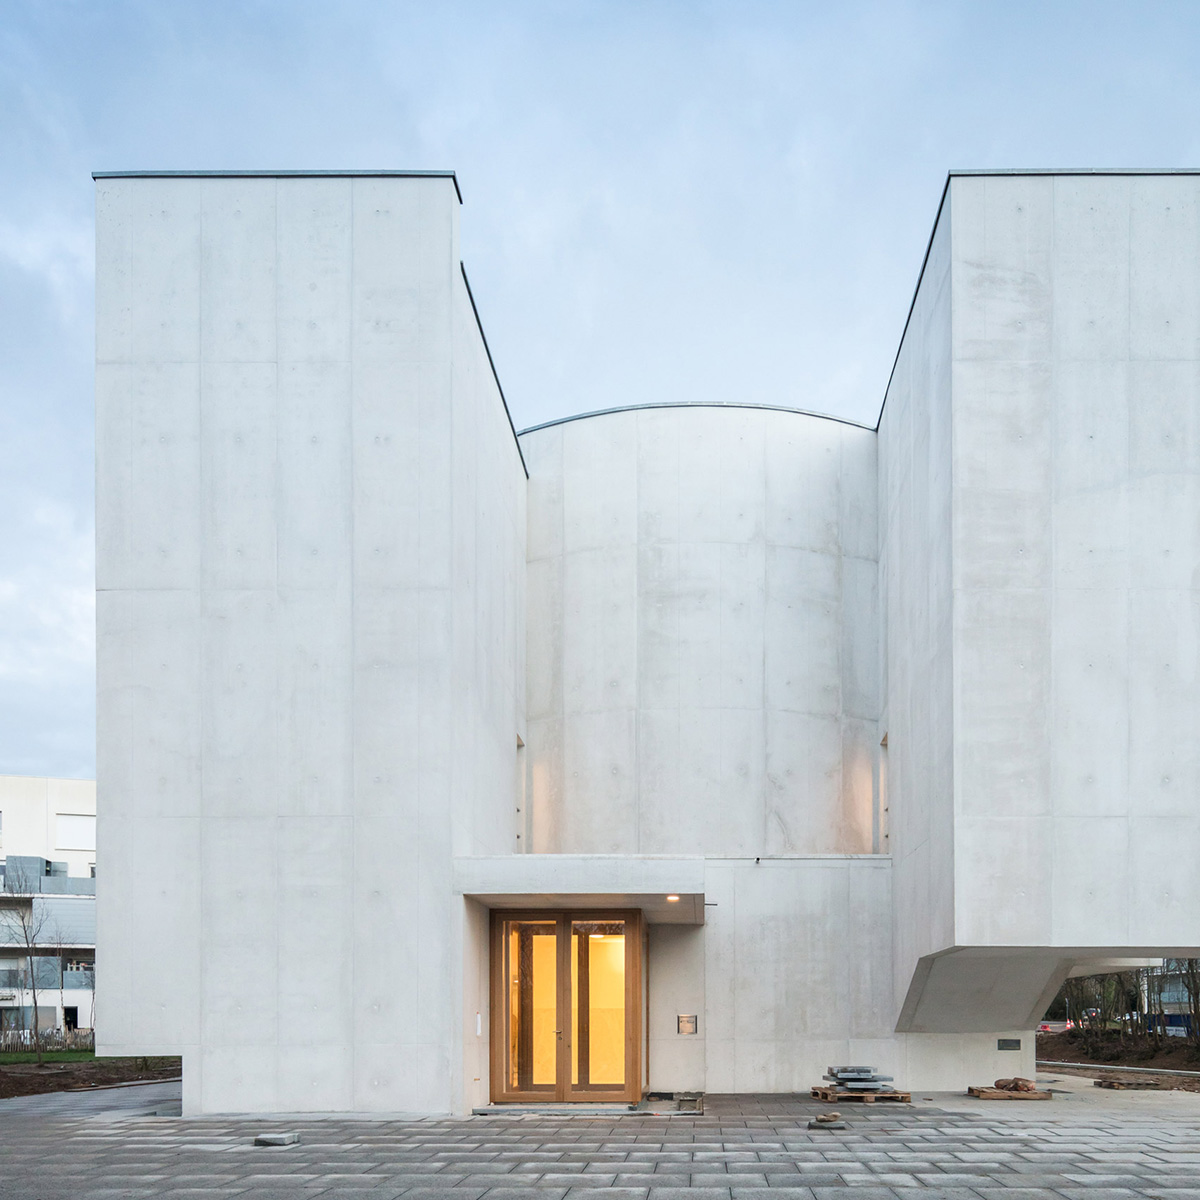 02-iglesia-saint-jacques-la-lande-alvaro-siza-vieira-foto-joao-morgado